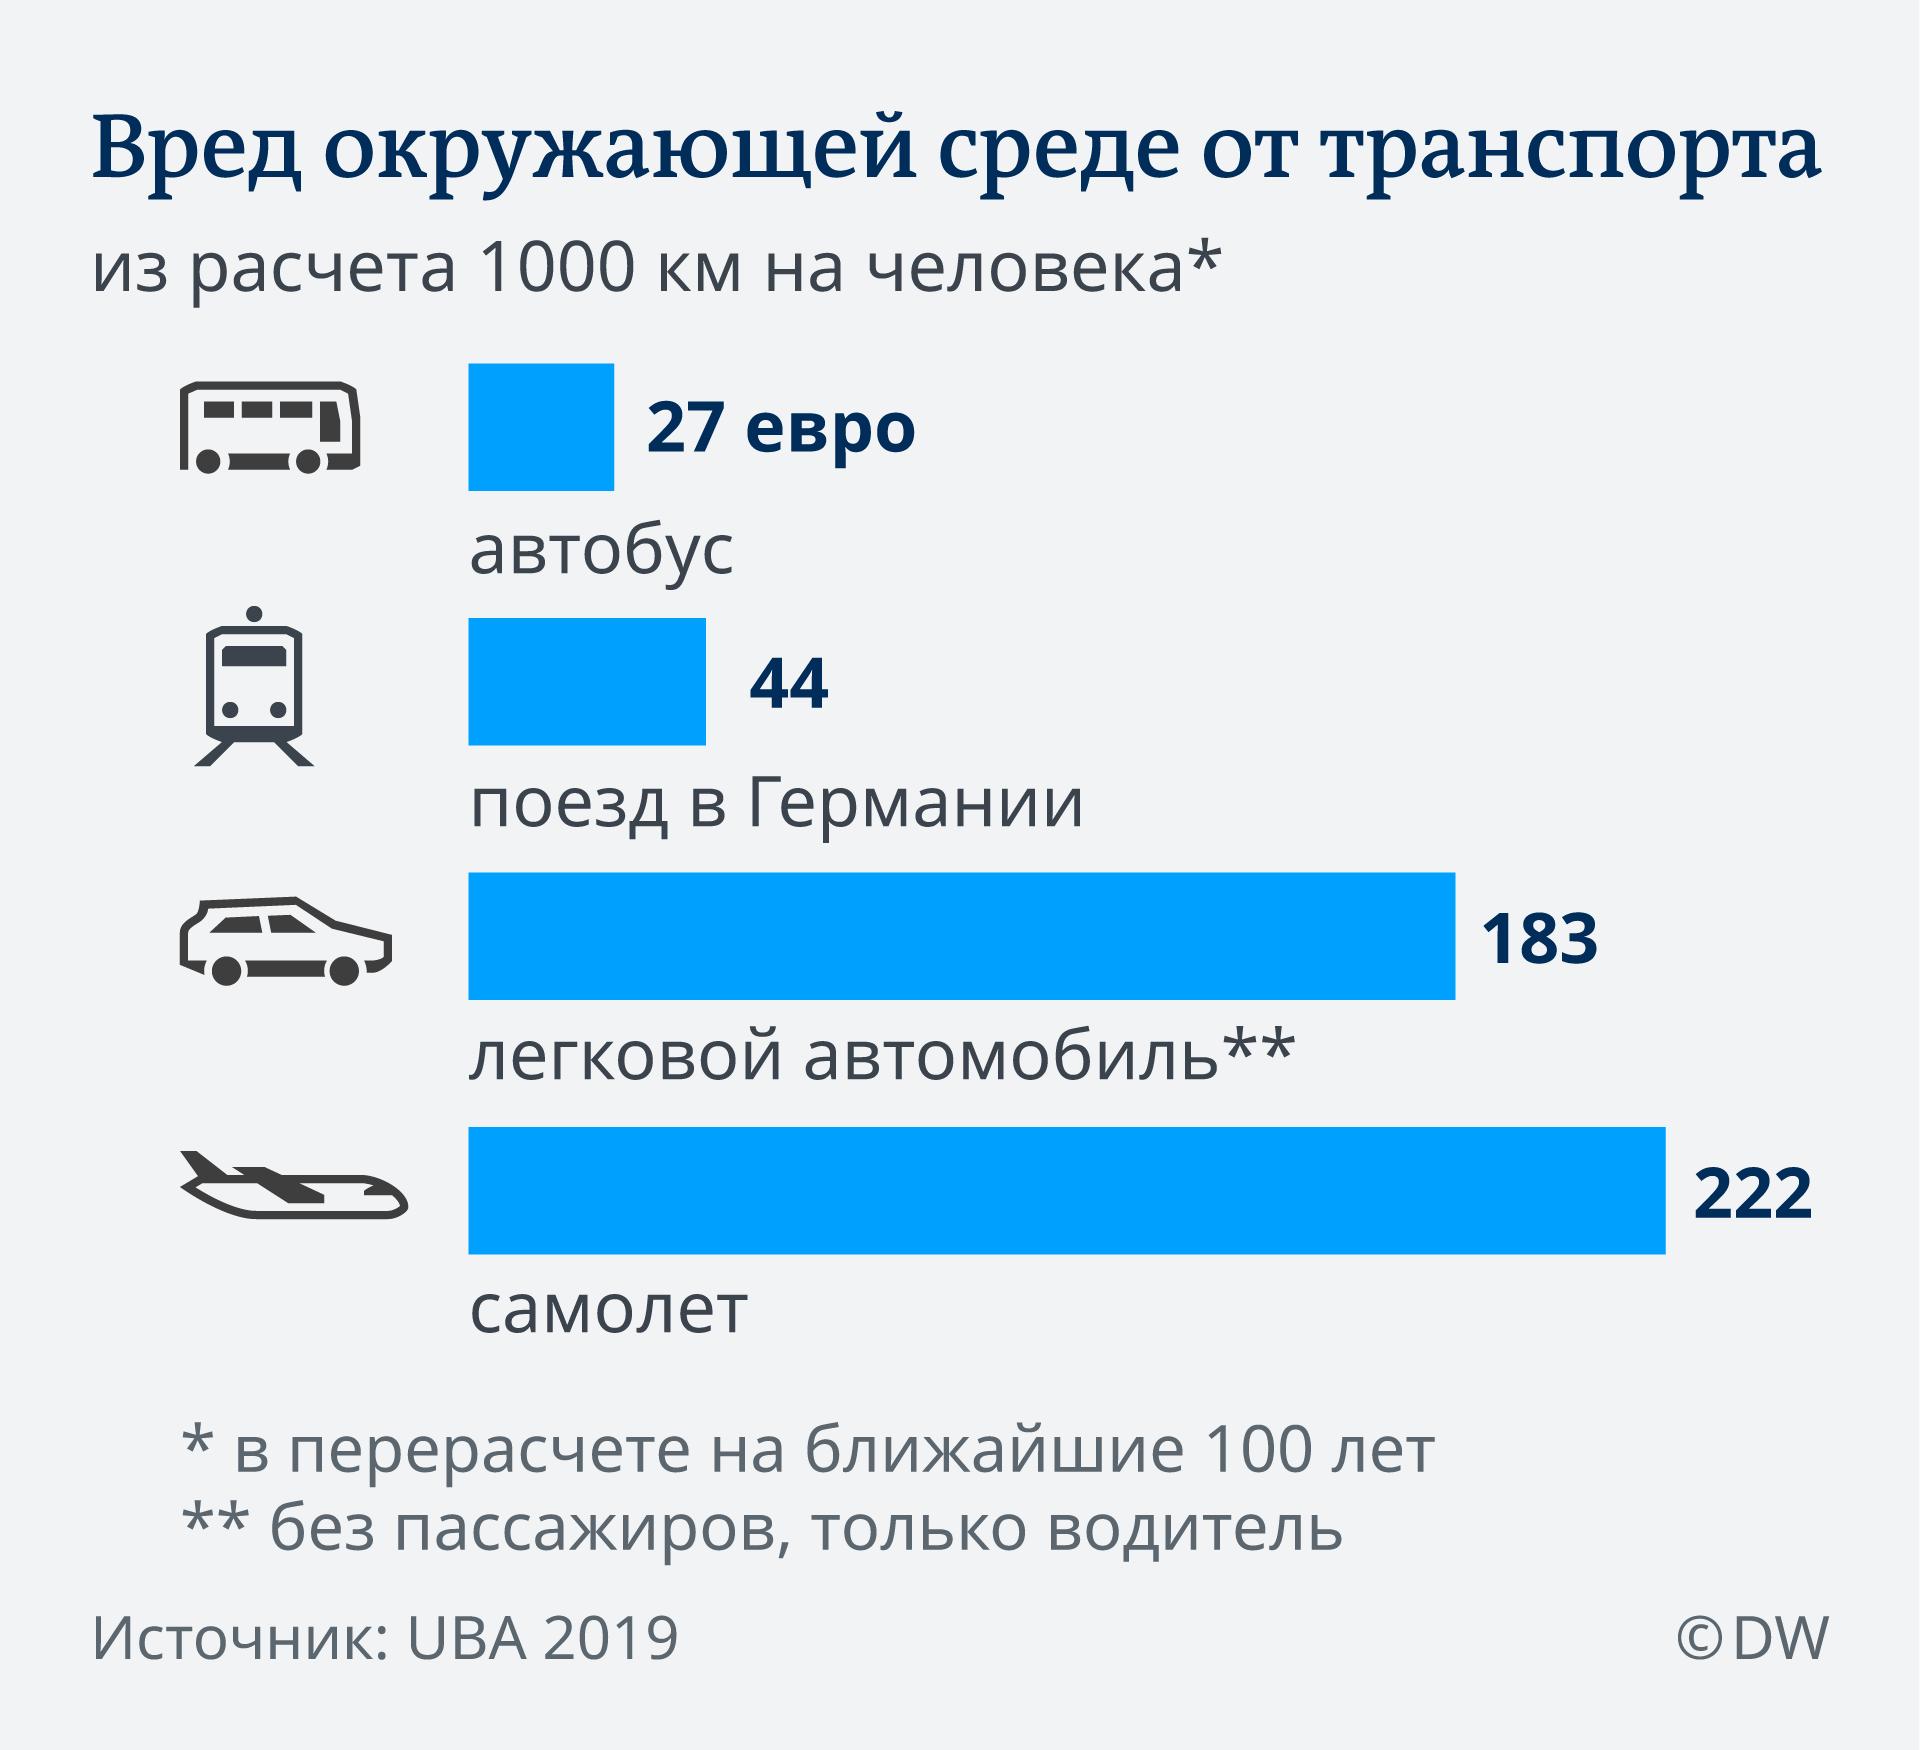 Вред окружаюей среде от транспорта